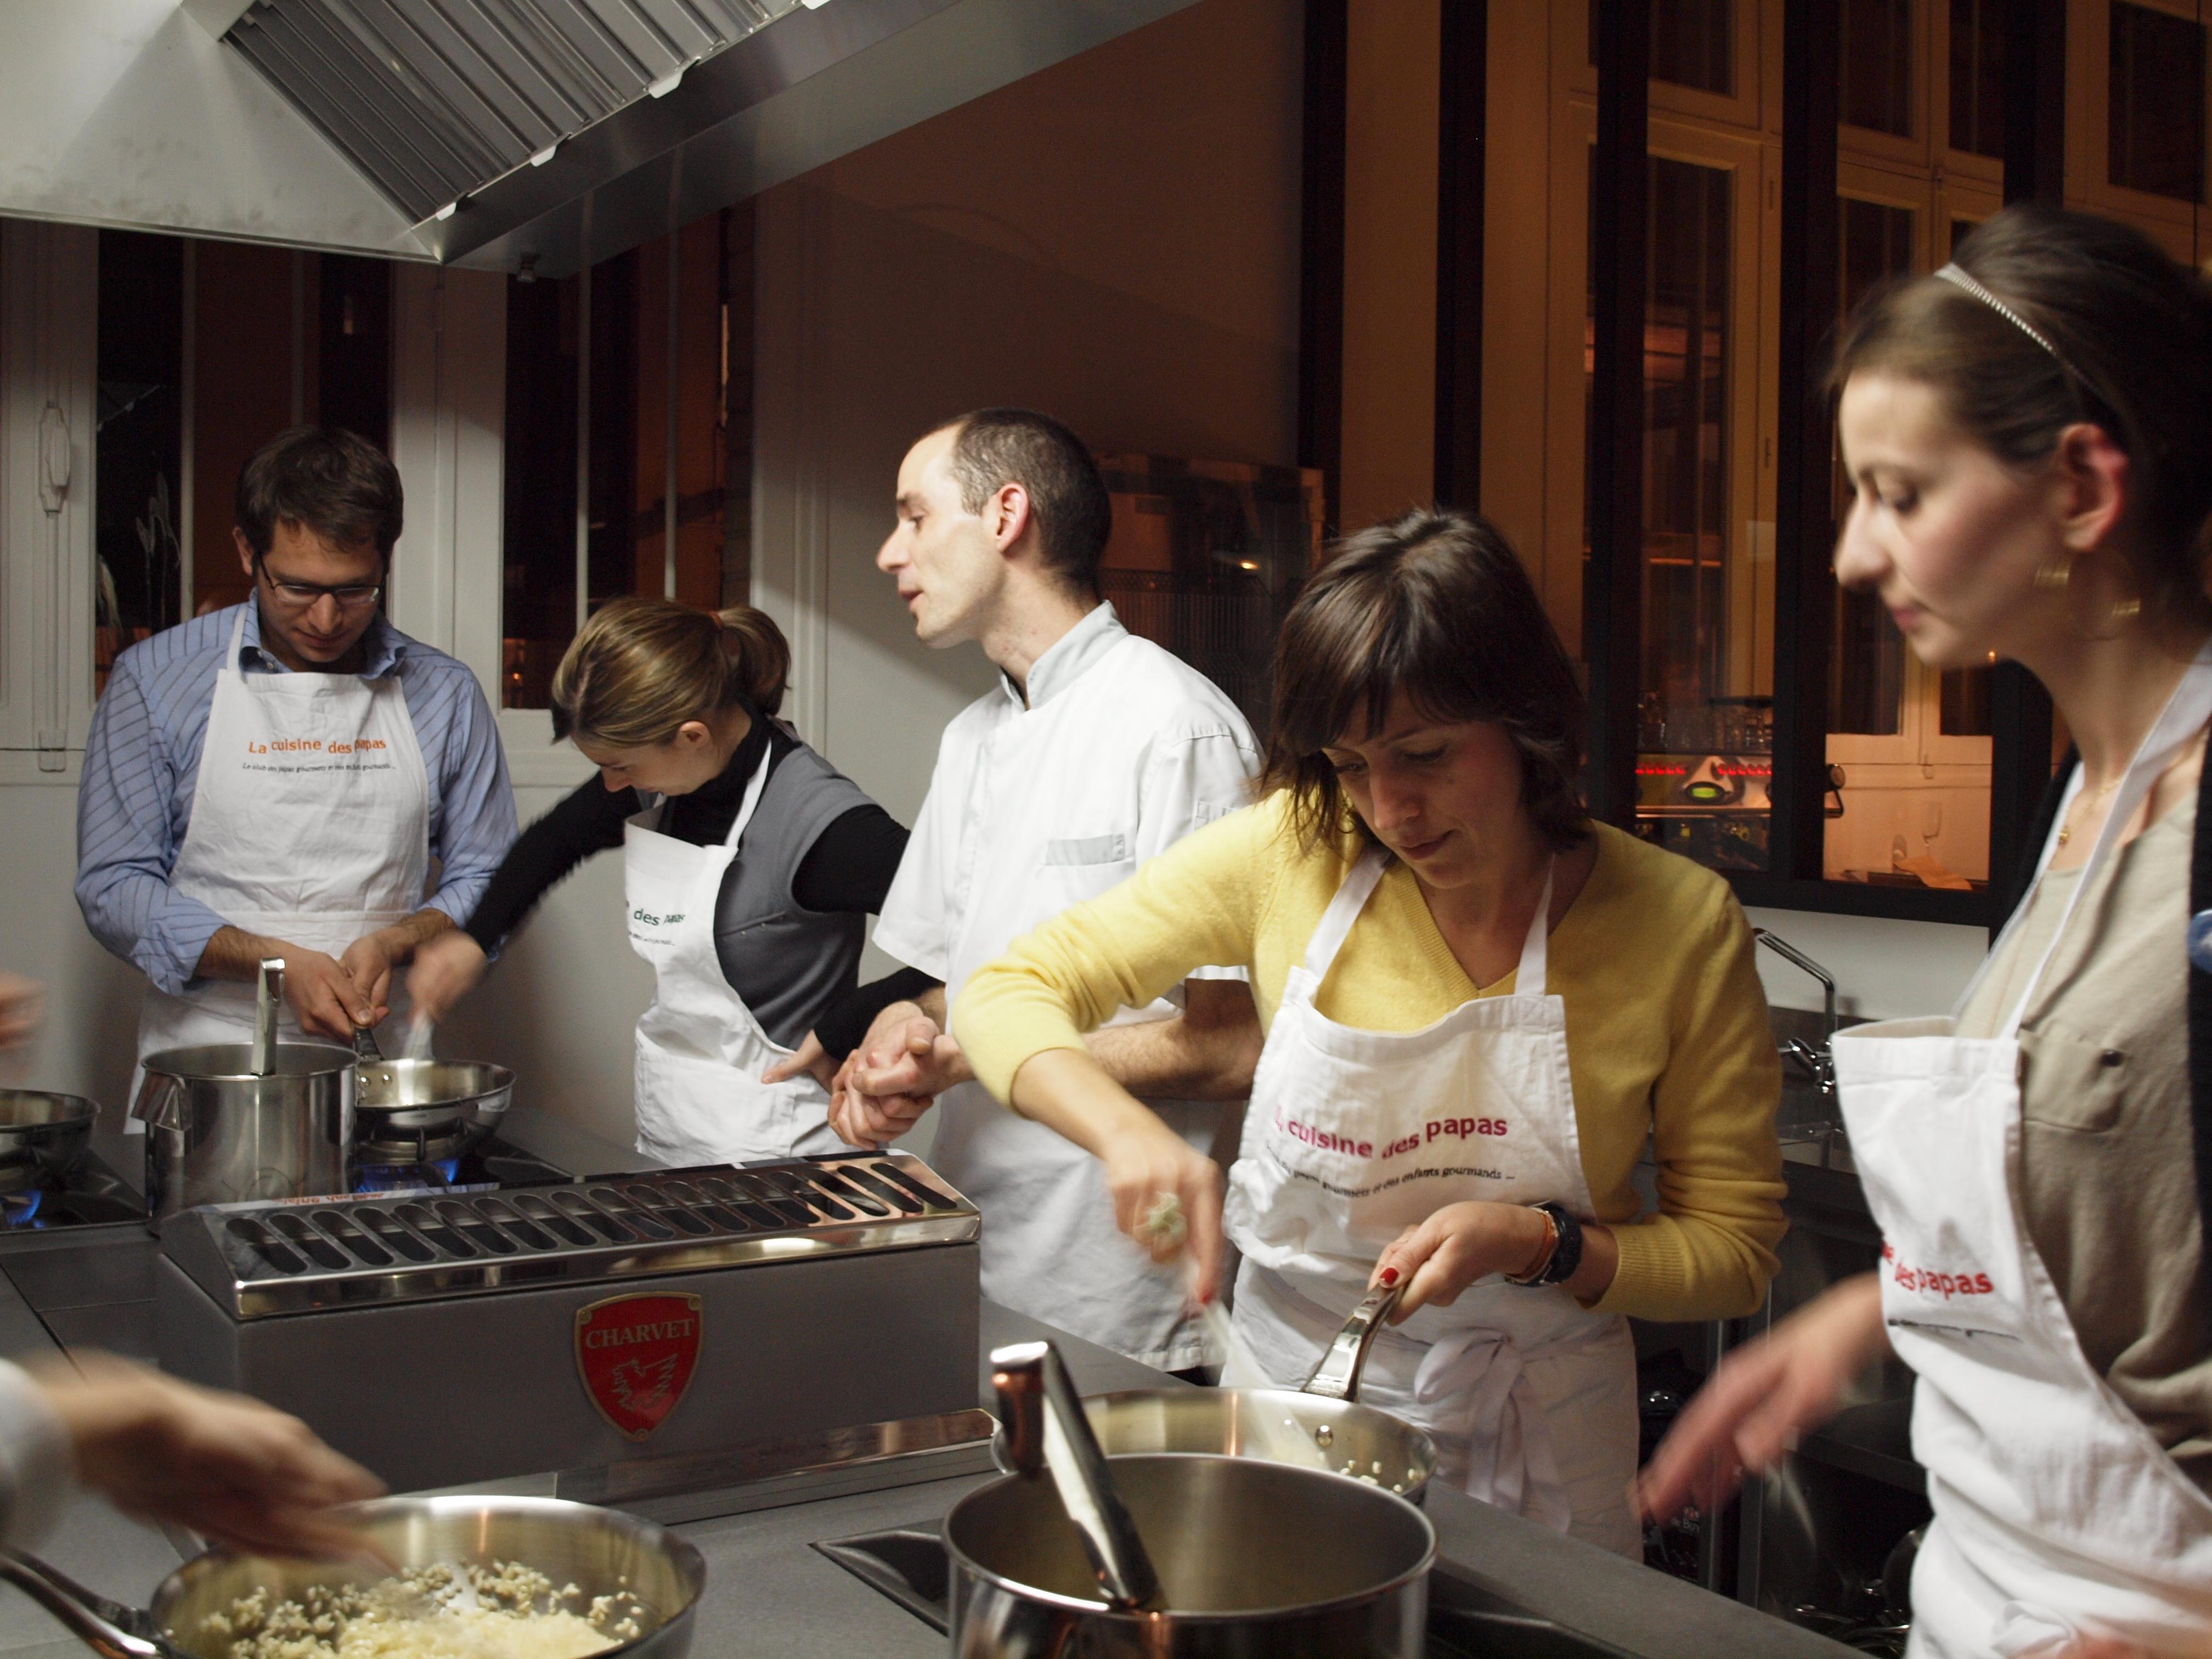 V nement culinaire kitchen studio - Cours de cuisine aphrodisiaque ...